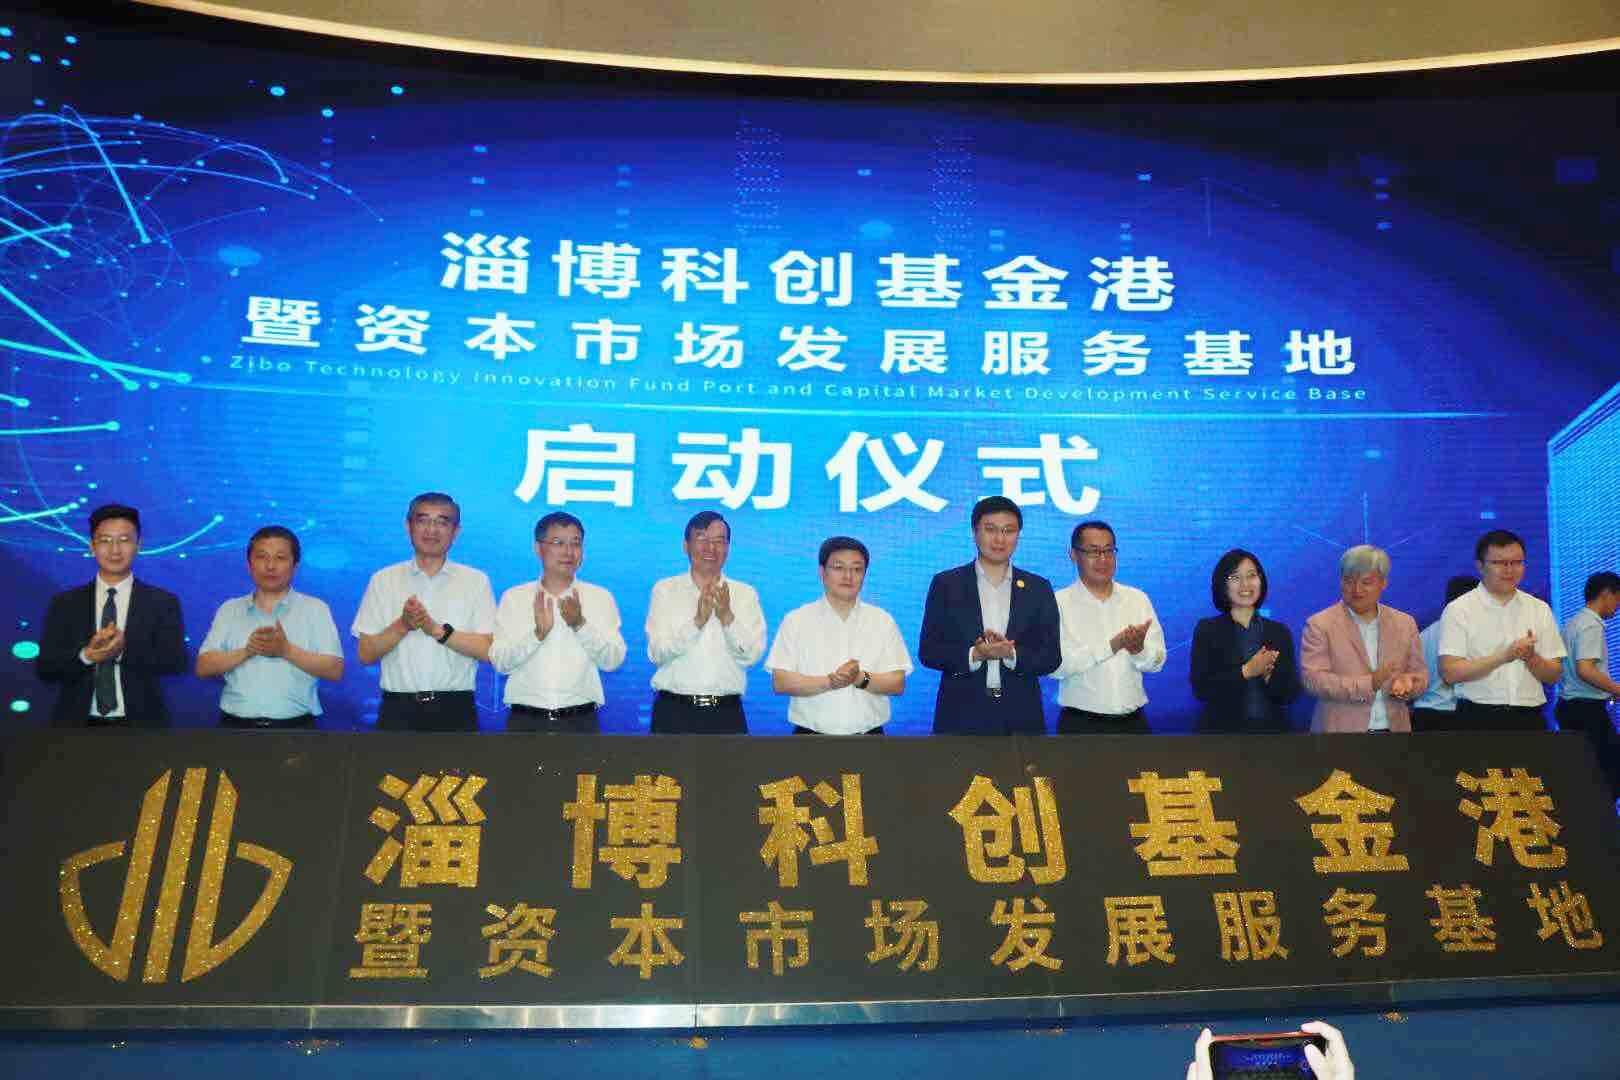 以金融赋能高质量发展 淄博科创基金港、淄博资本市场发展服务基地启动